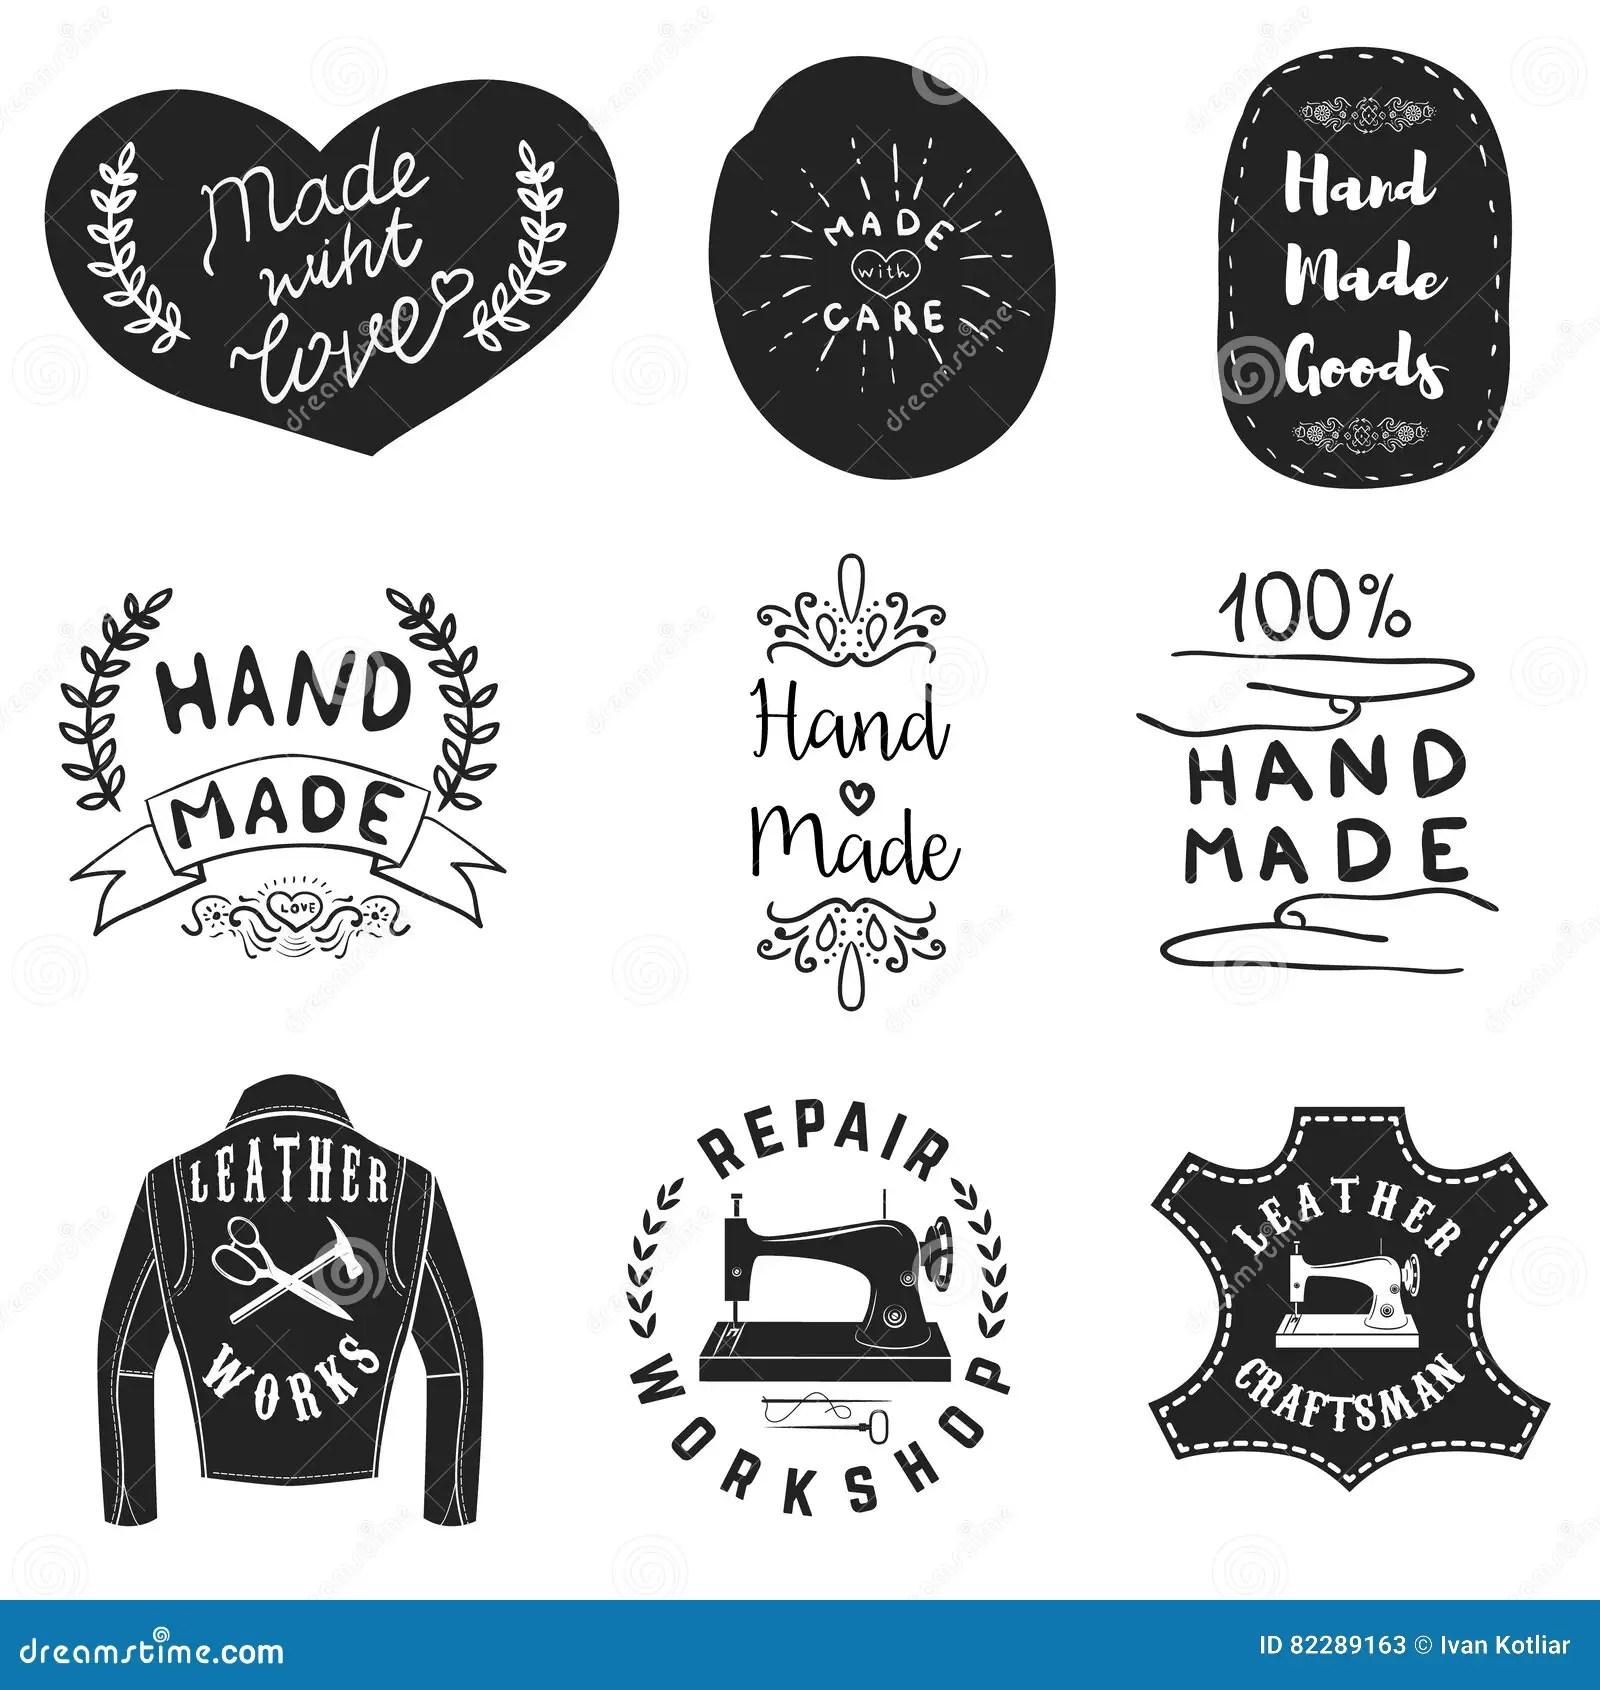 Handmade Products Labels Leather Workshop Emblems Design